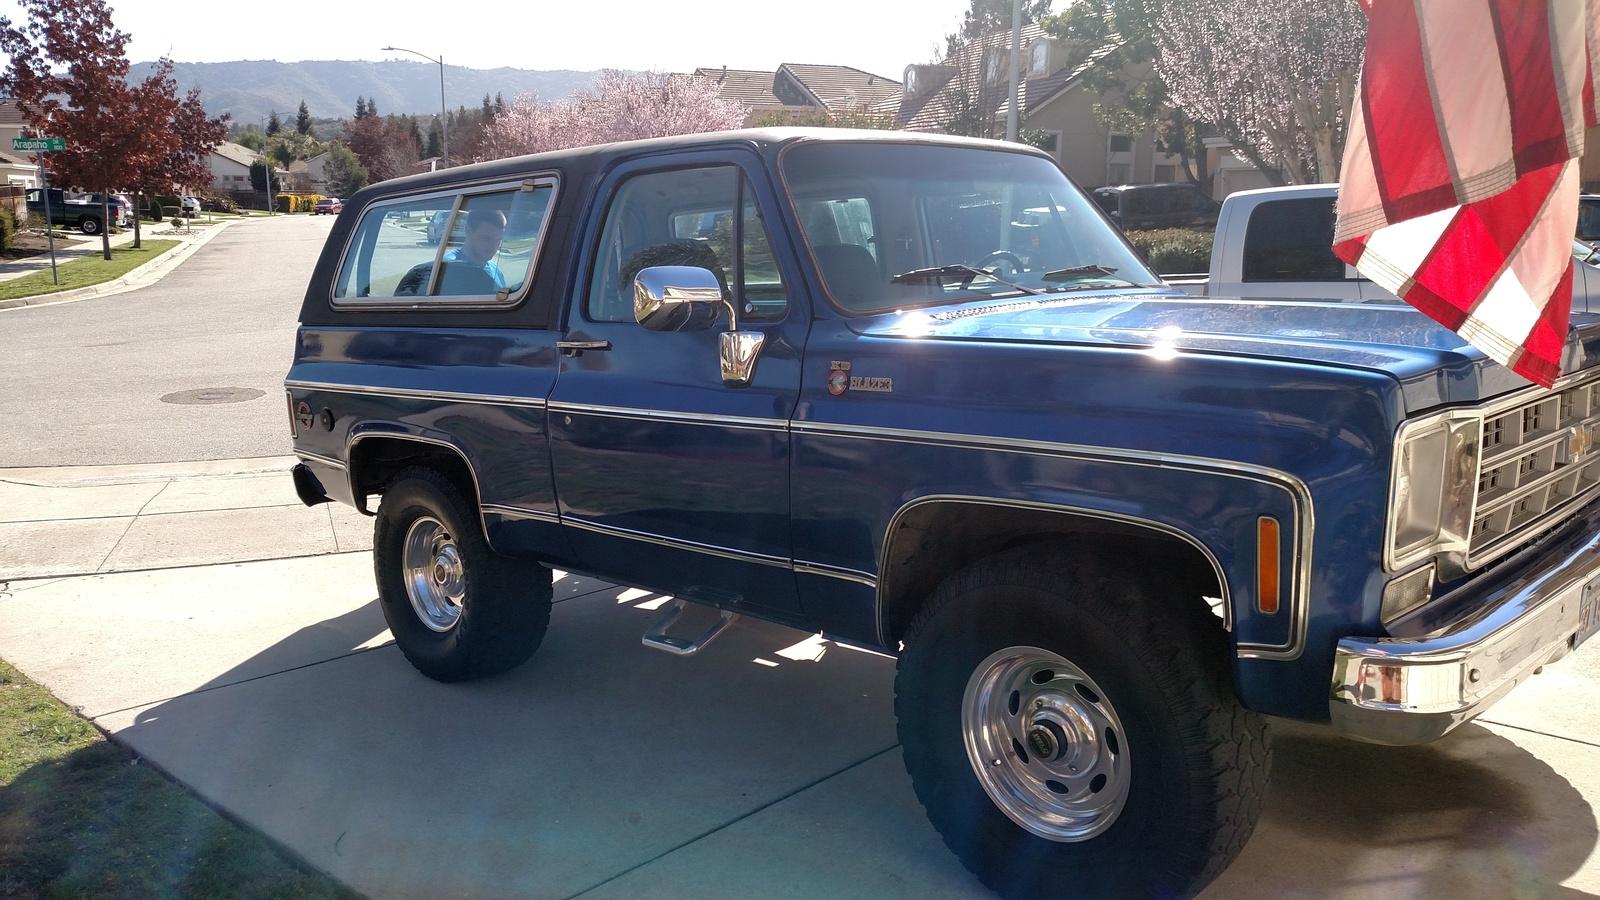 2018 K5 Blazer >> 1978 Chevrolet Blazer - Overview - CarGurus